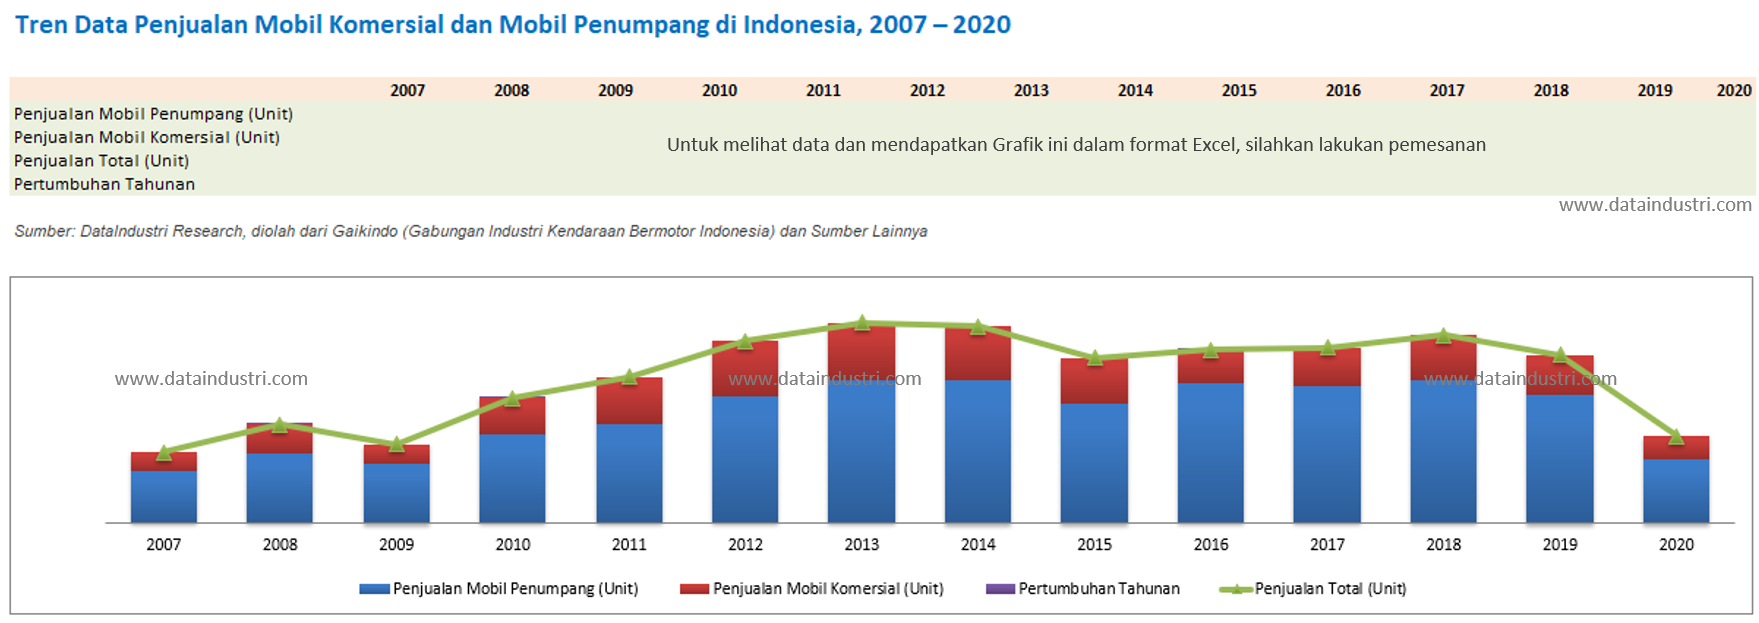 Tren Data Penjualan Mobil Komersial dan Mobil Penumpang di Indonesia, 2007 - 2020